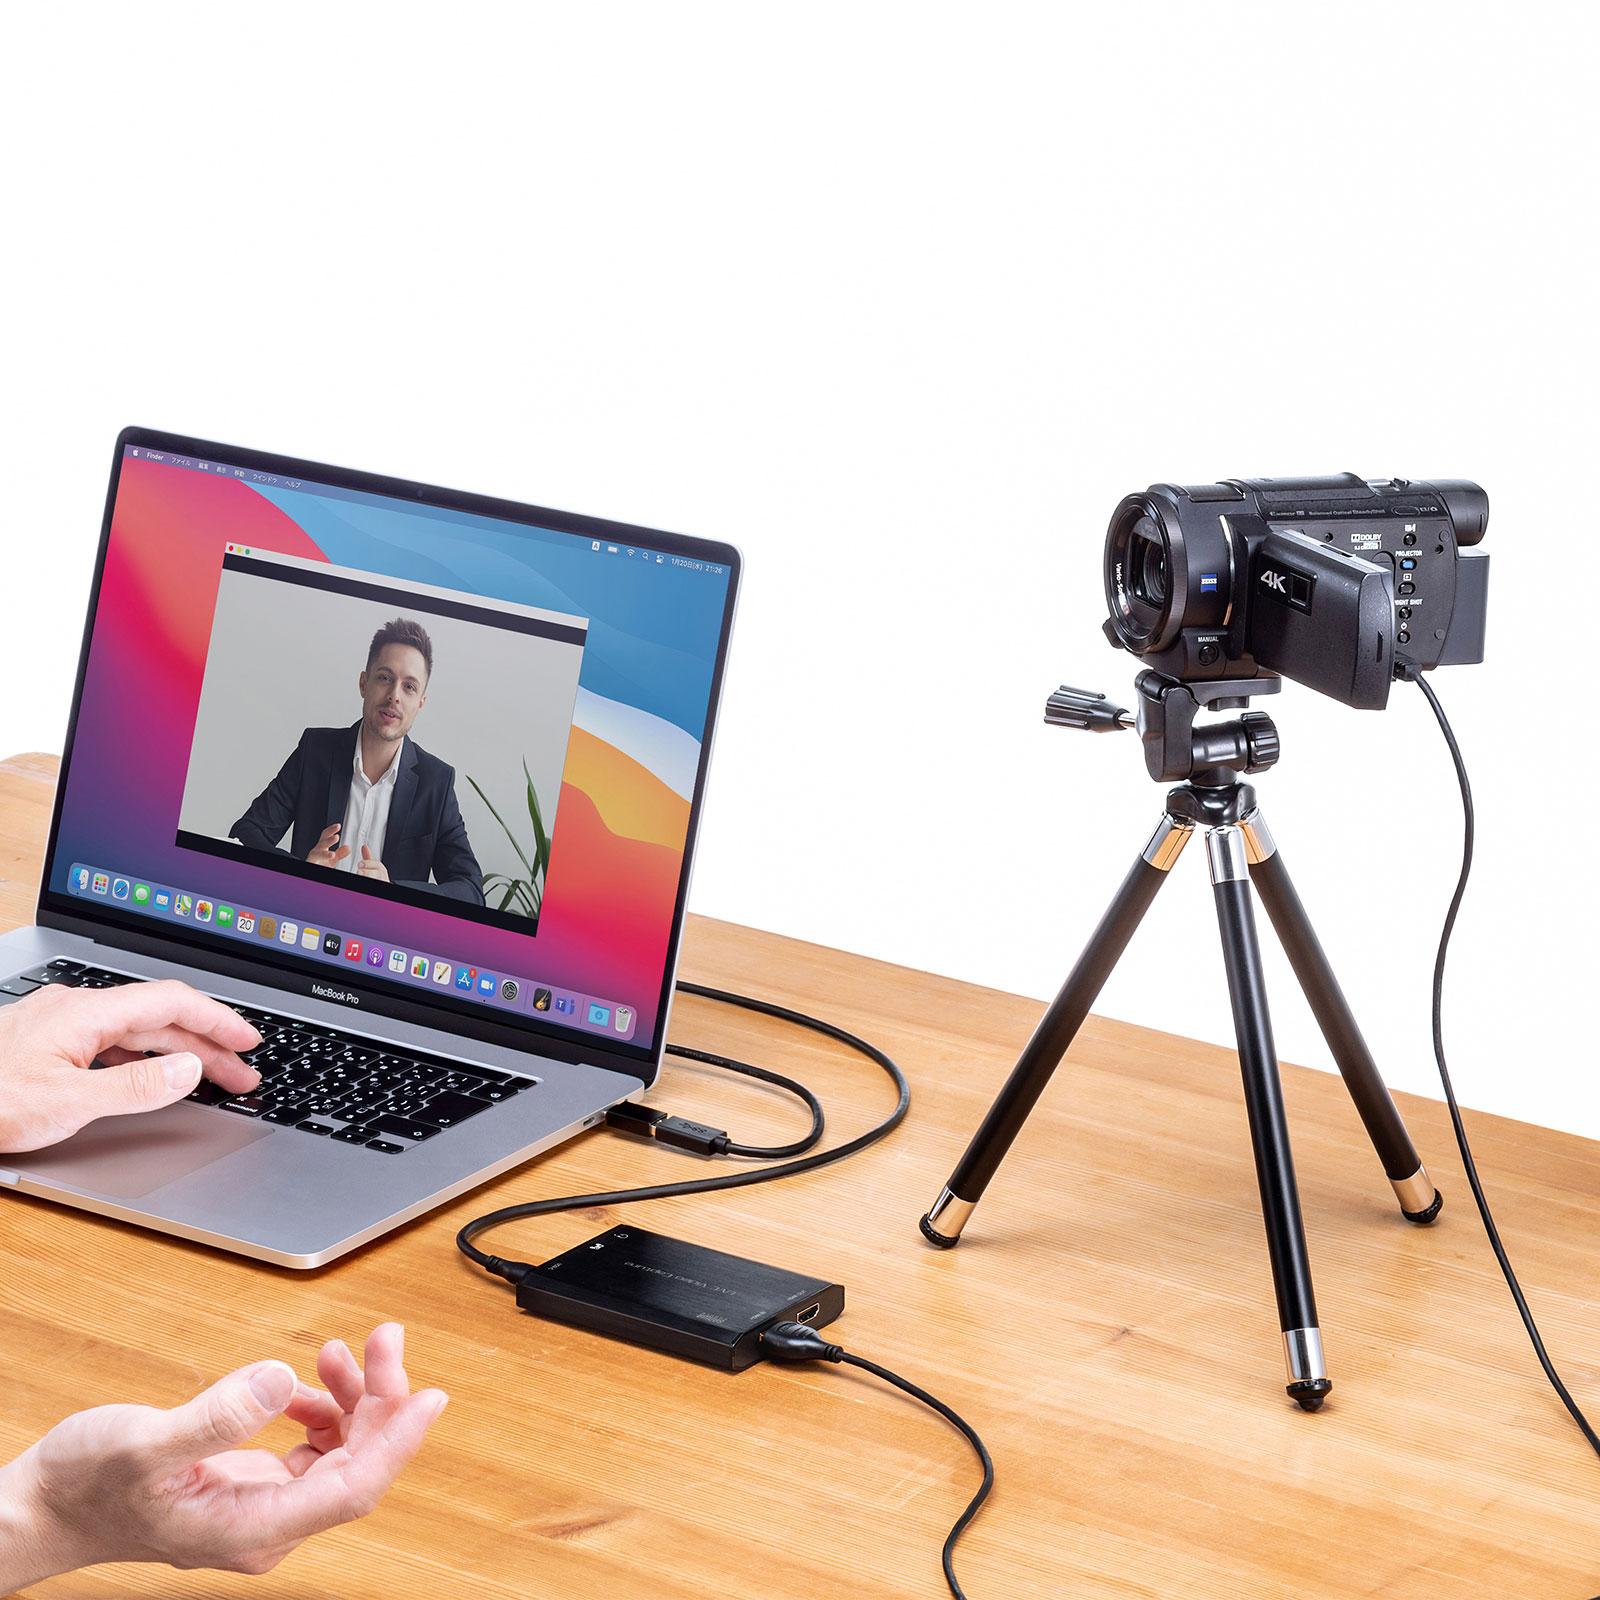 ビデオカメラやデジカメをWEBカメラにできるビデオキャプチャが発売